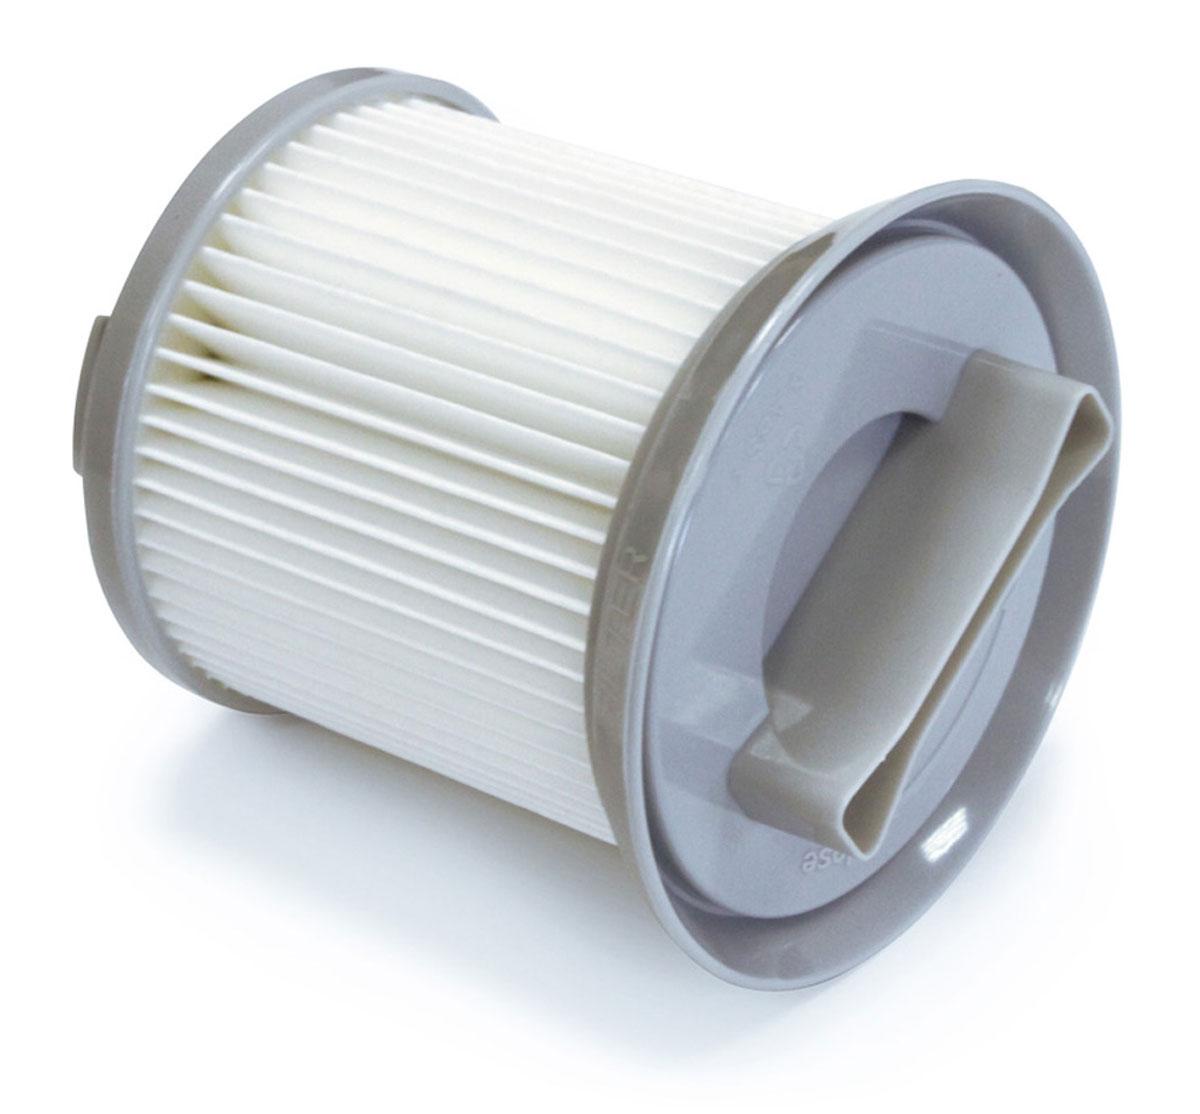 Filtero FTH 12 фильтр для пылесосов Electrolux & Zanussi нера фильтр filtero fth 70 phi 1 шт для пылесосов philips фильтр filtero fth 70 уровня фильтрации нера н 12